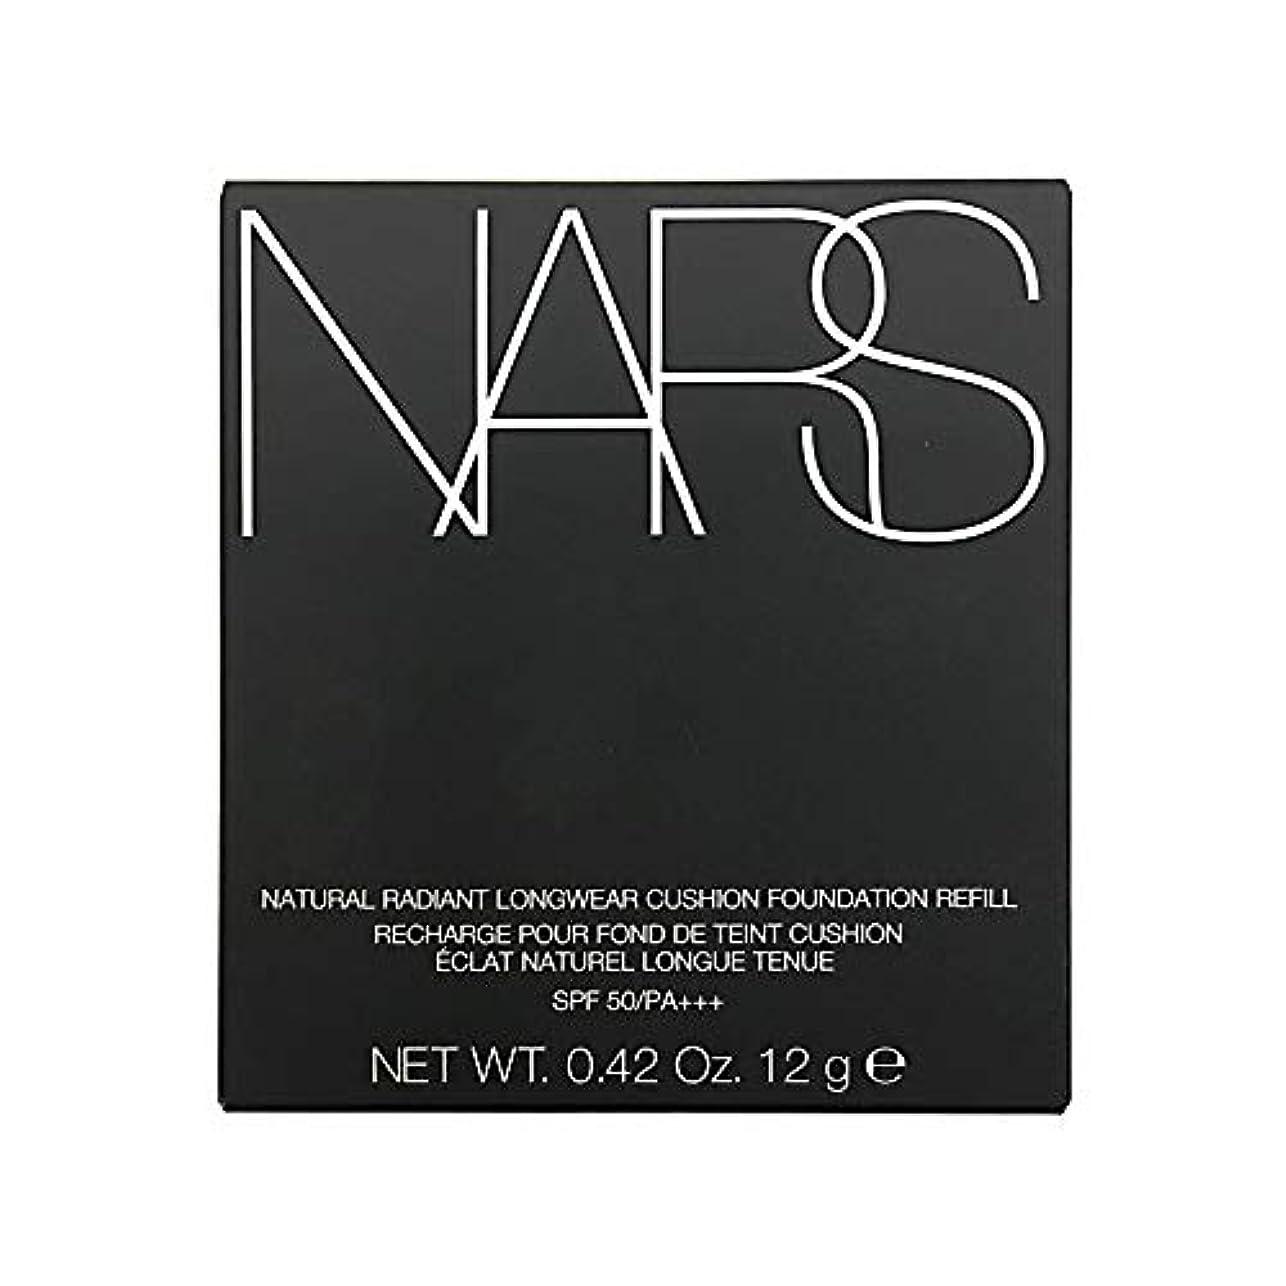 誘発する手つかずの汚物ナーズ/NARS ナチュラルラディアント ロングウェア クッションファンデーション(レフィル)#5881 [ クッションファンデ ] [並行輸入品]